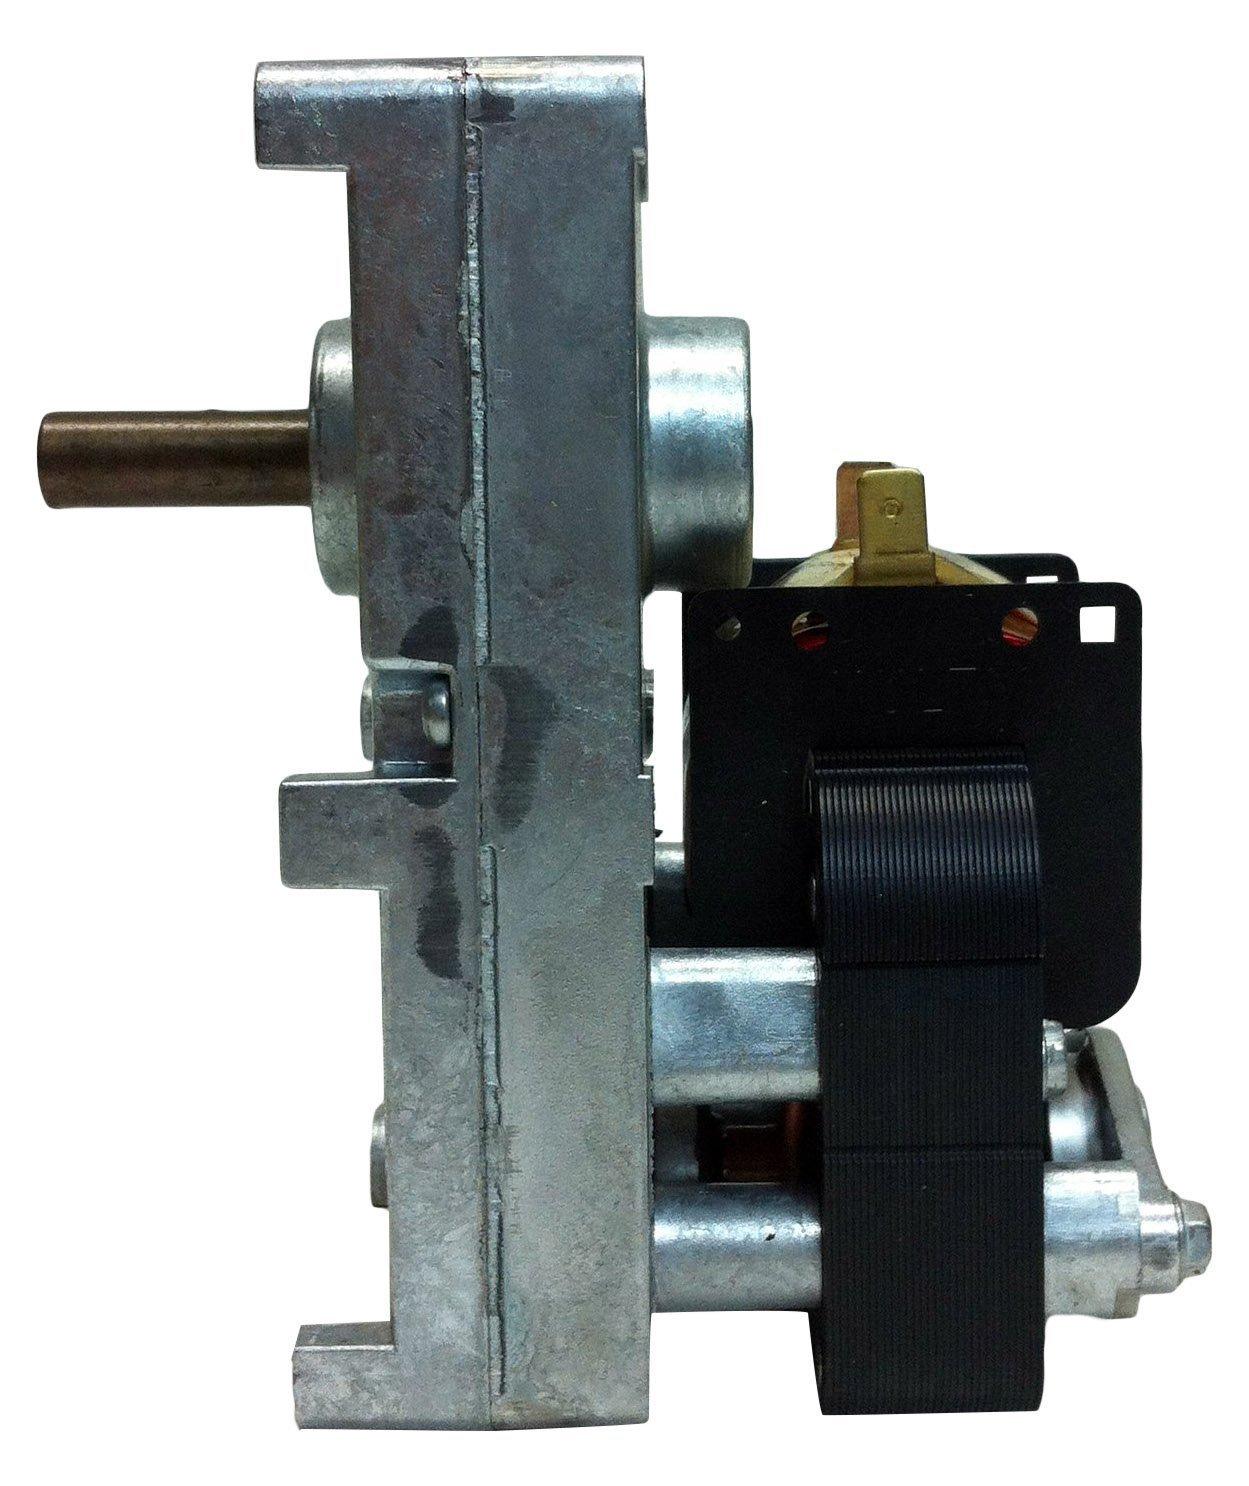 PEMS HM-RGM451 Pellet Stove Auger Gear Motor, 1 RPM, 0.51 Amps, 120 V by PEMS